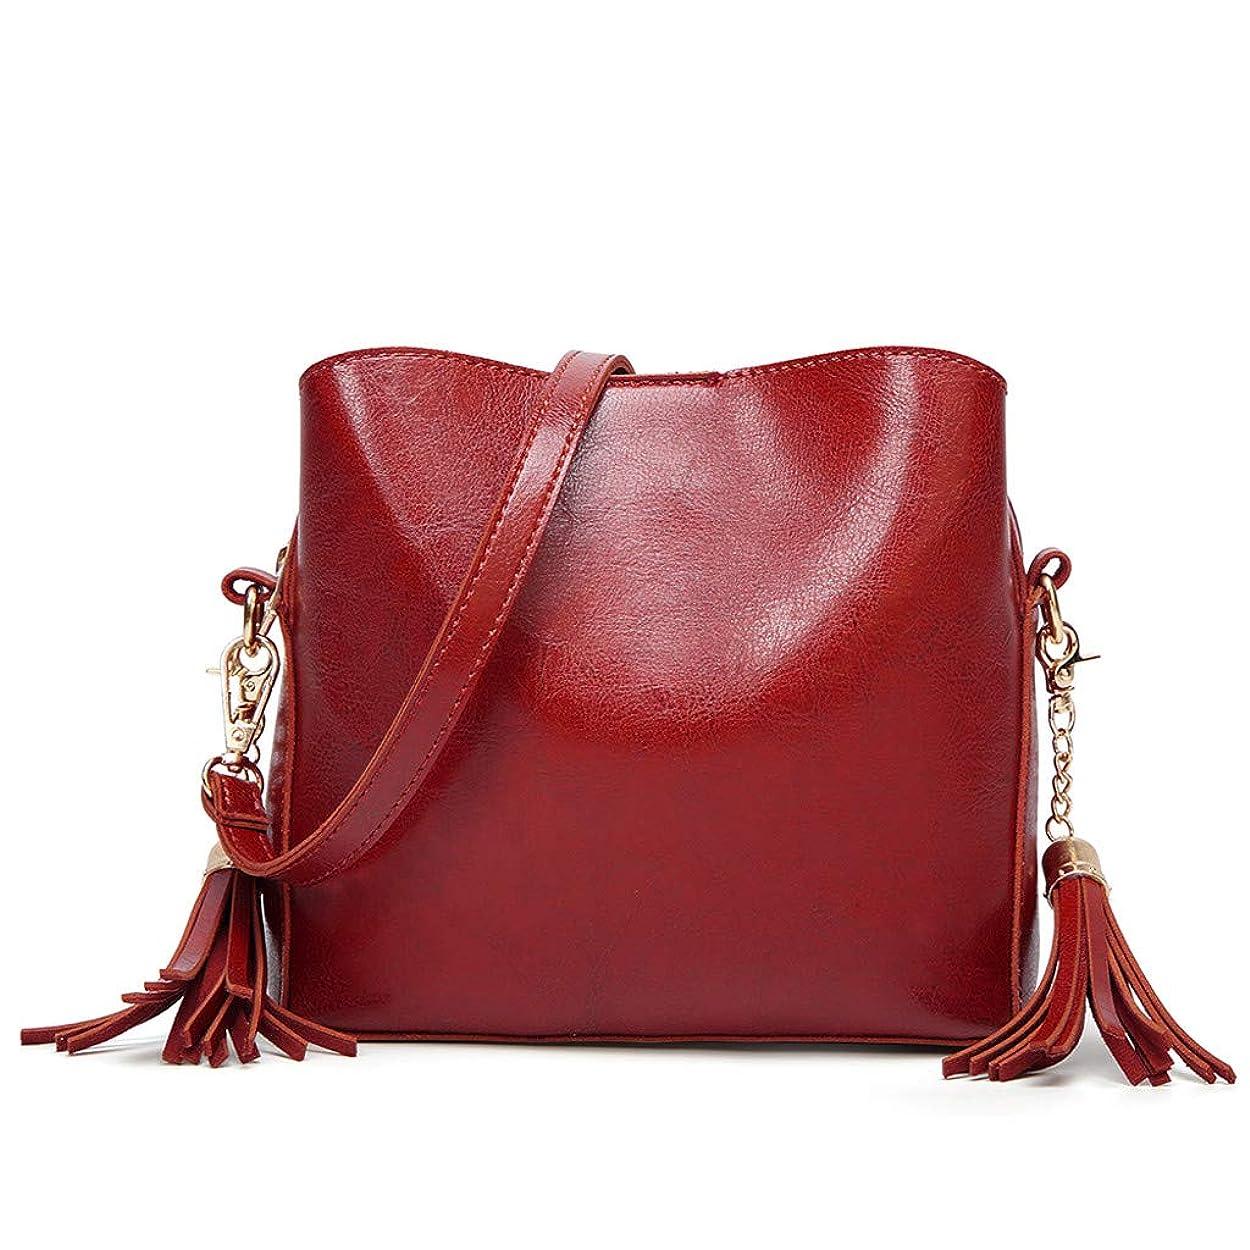 スペインへこみ同行女性革フラップタッセルショルダーメッセンジャークロスボディバッグカジュアルクラッチトートバッグ、女性のソリッドカラータッセル革ショルダーバッグ斜め小さな正方形のバッグハンドバッグハンドバッグ (赤)